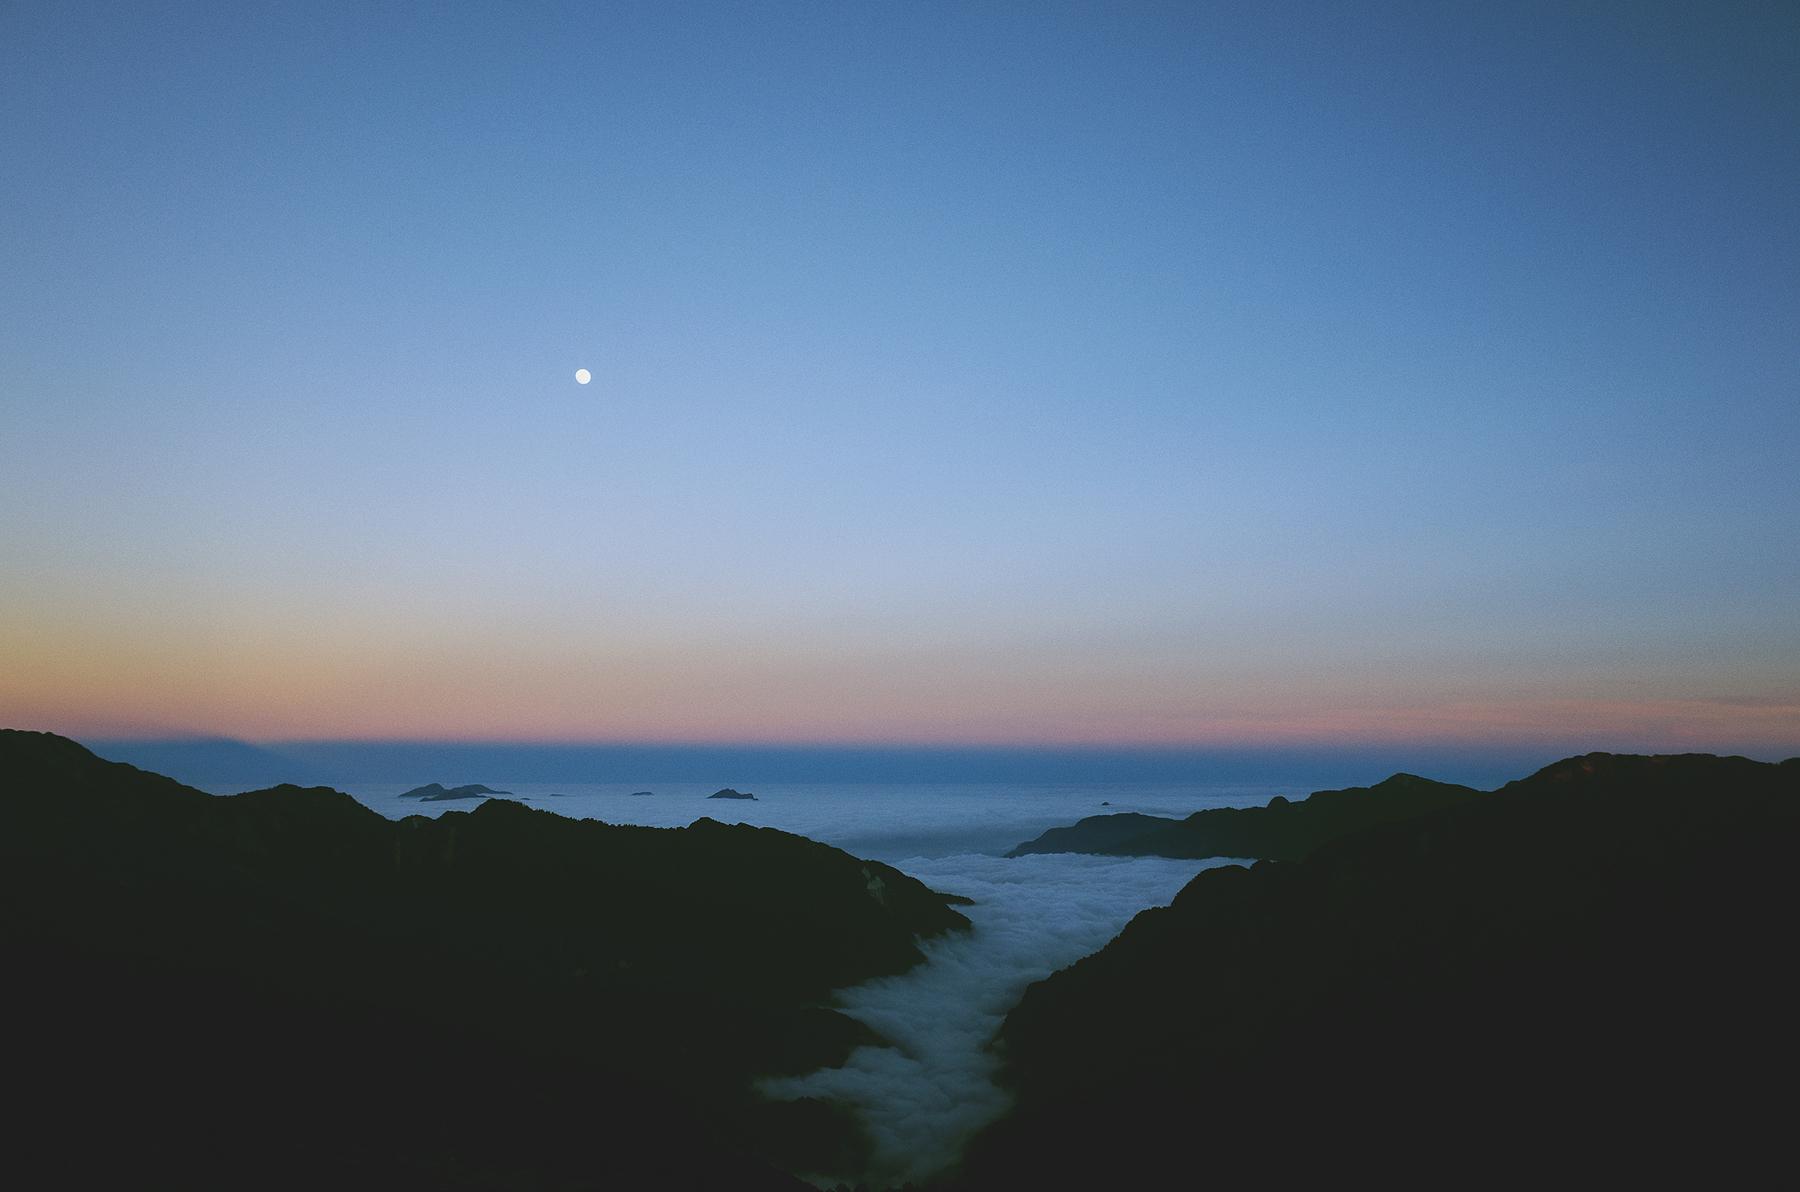 雲海,心象攝影,溫度,情感,gr